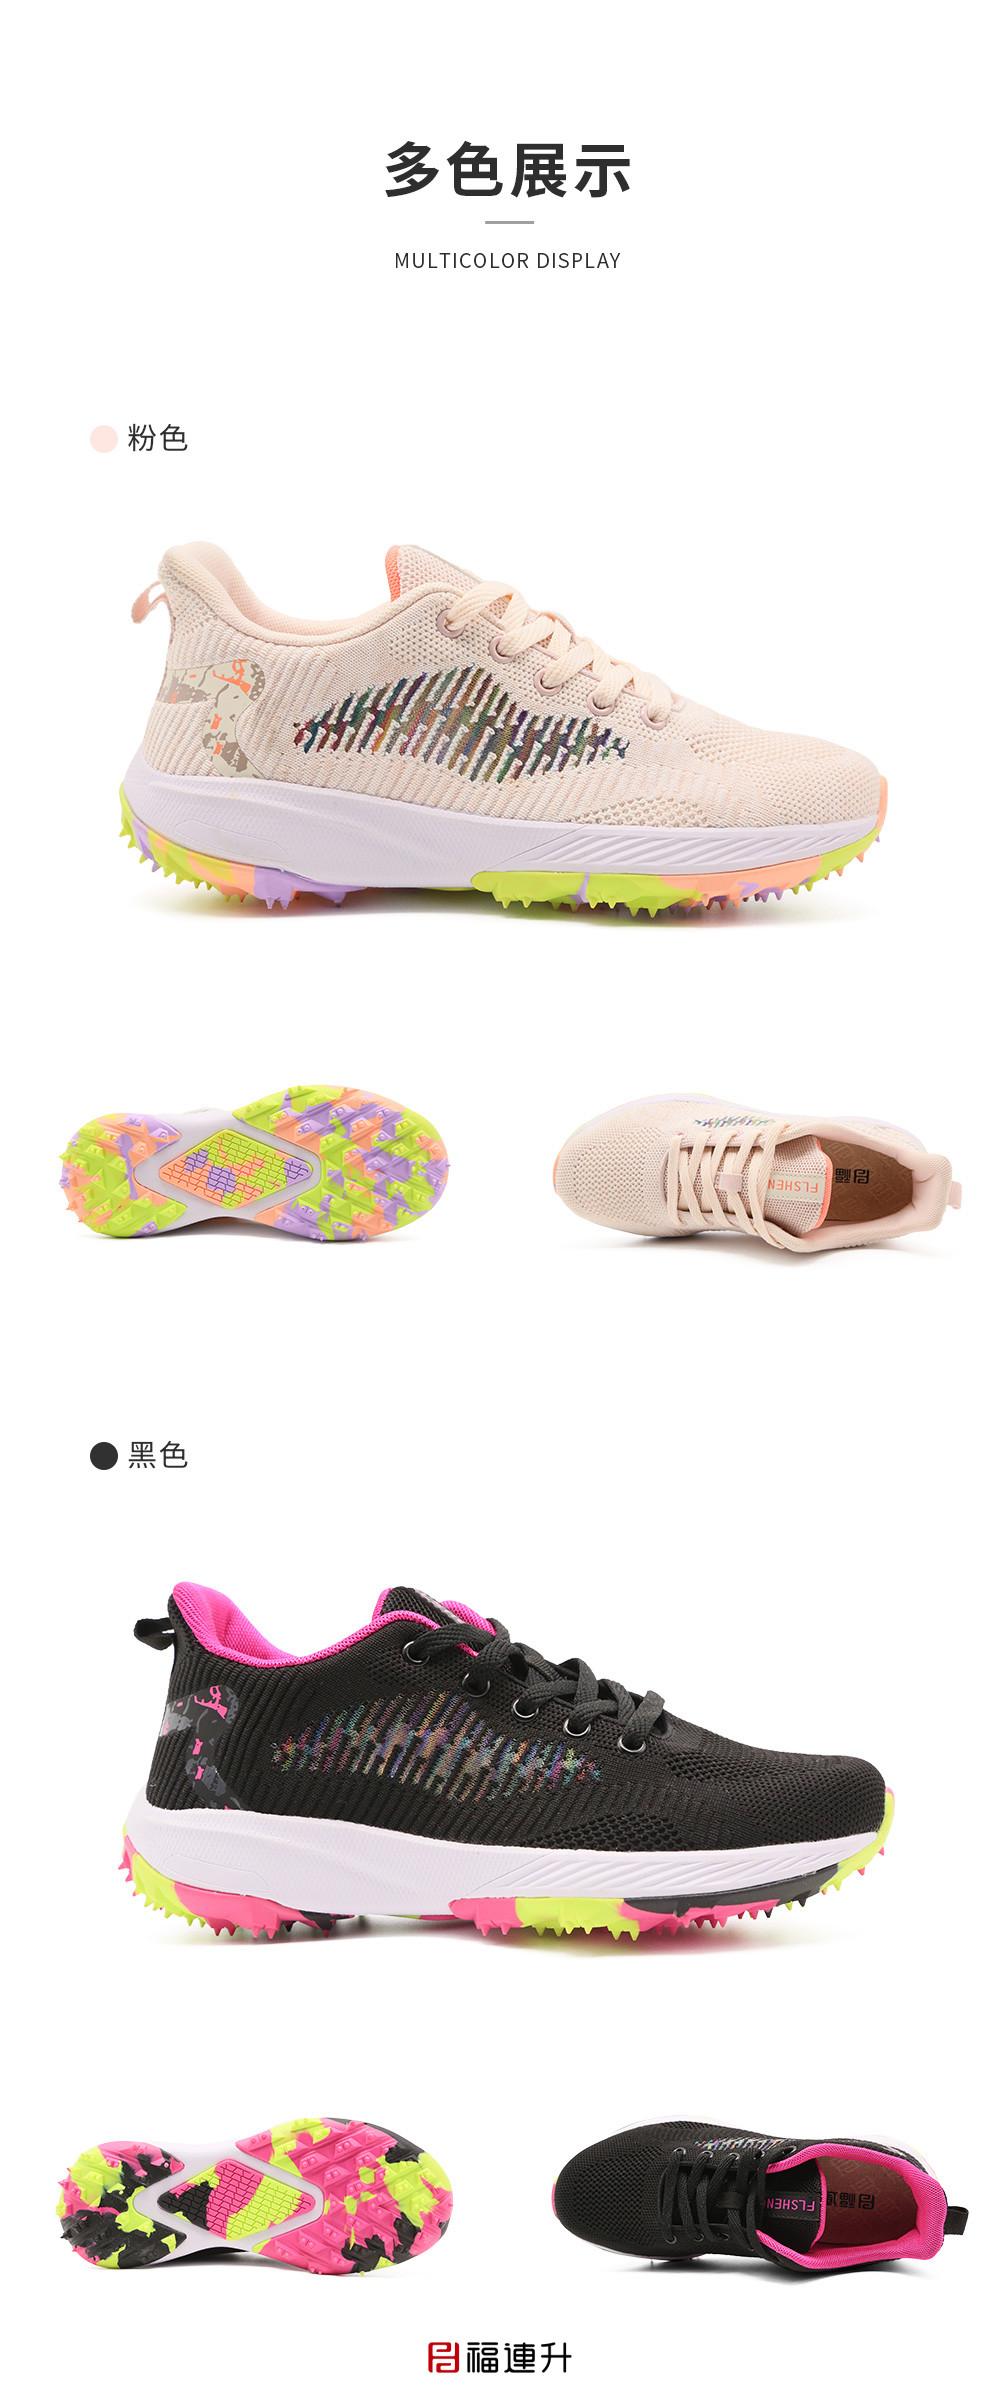 福连升夏运动透气防滑炫彩橡胶底女士休闲运动鞋图片